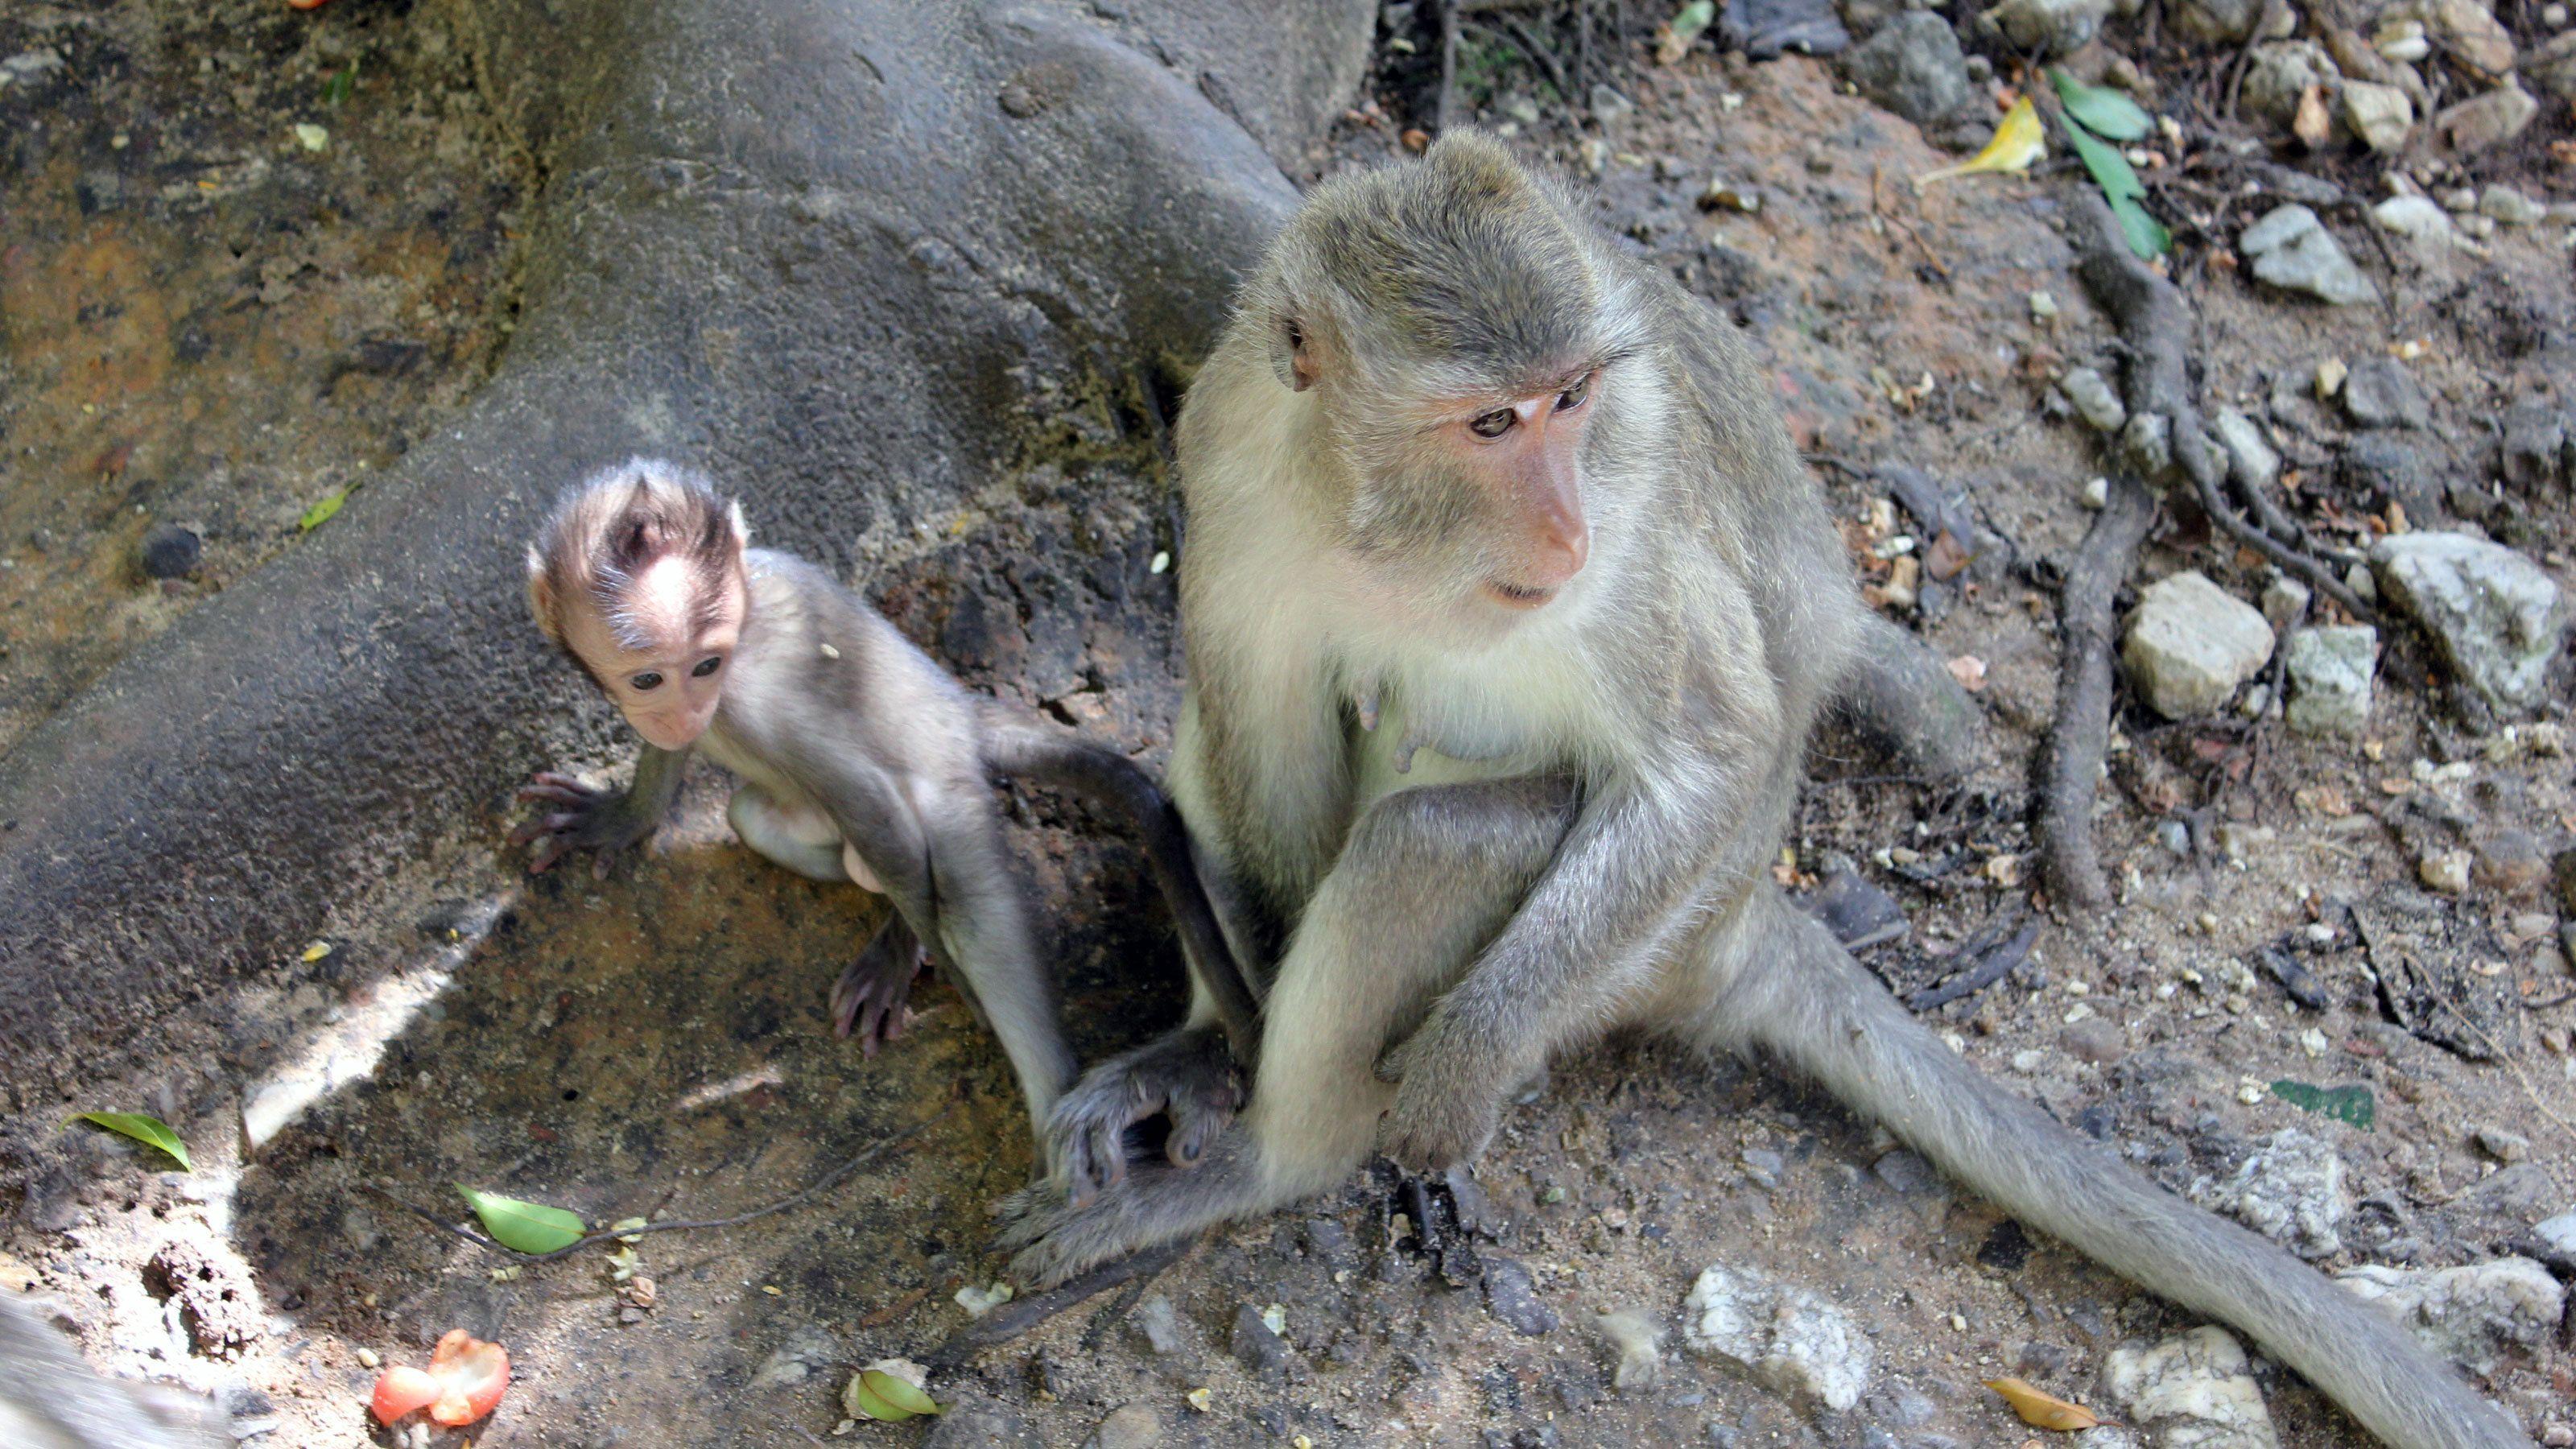 wild monkeys resting near trees in Gibraltar